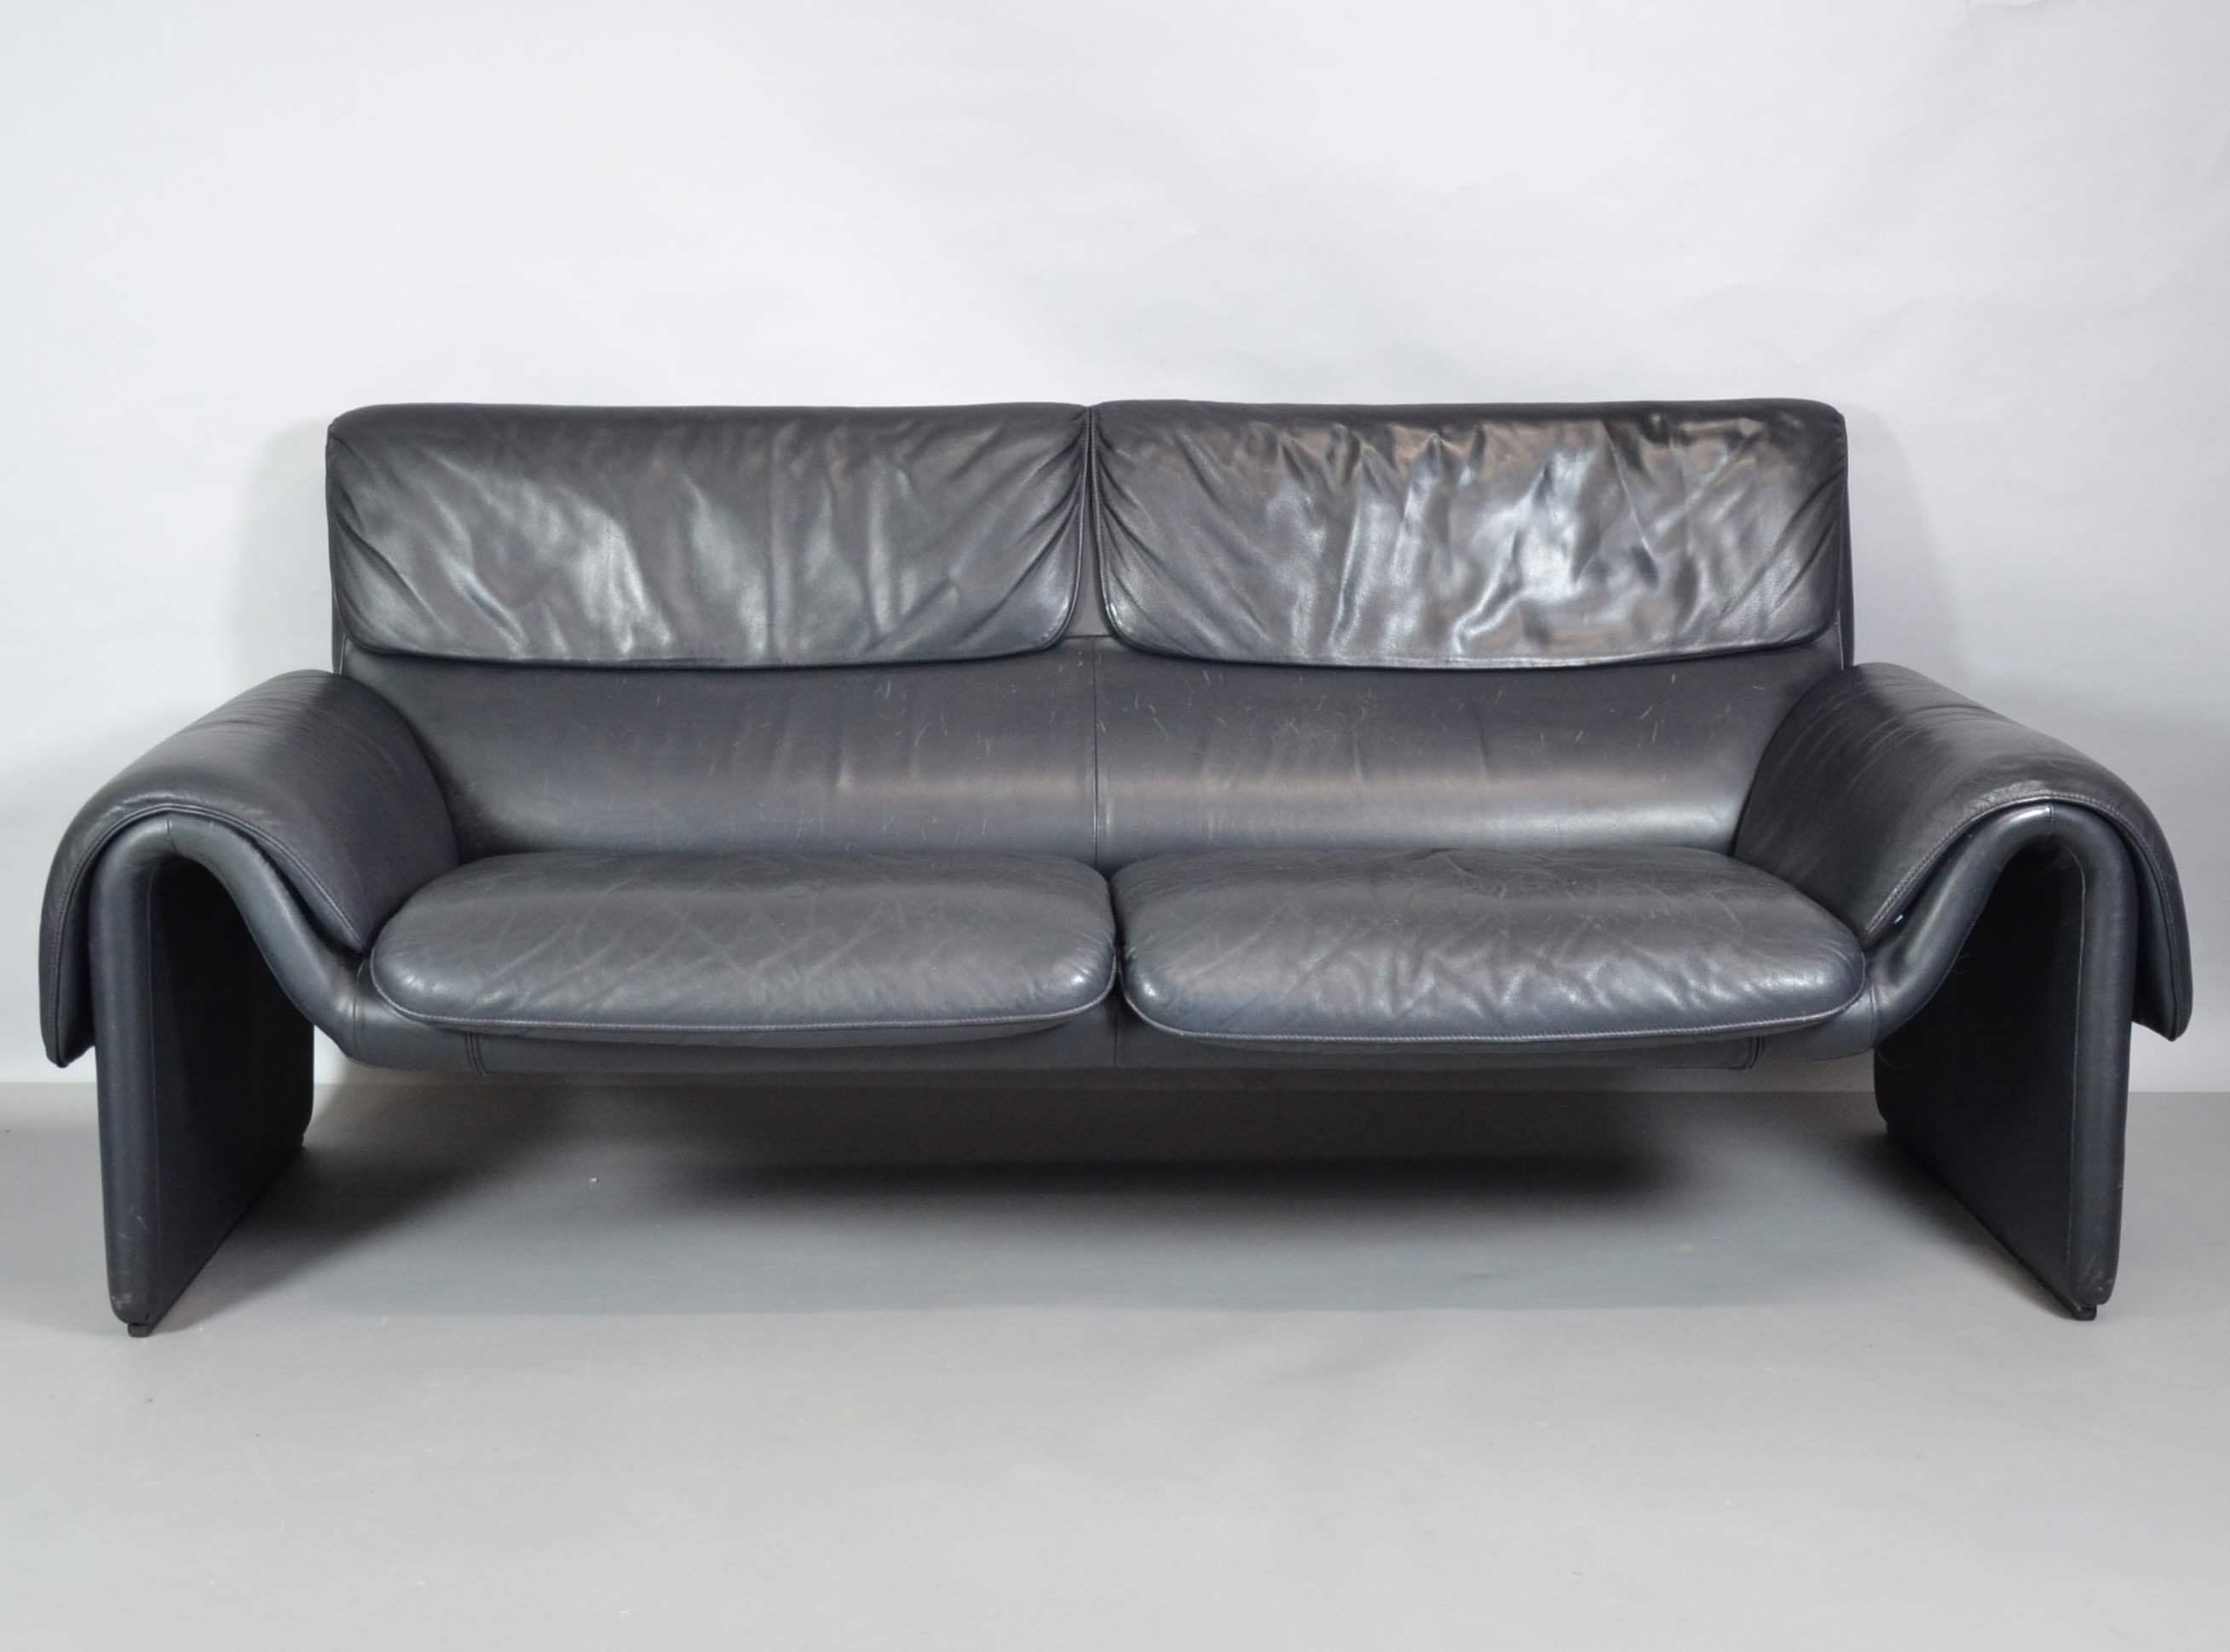 De Sede Sofa Furniture Sofas Seatings Auctionet